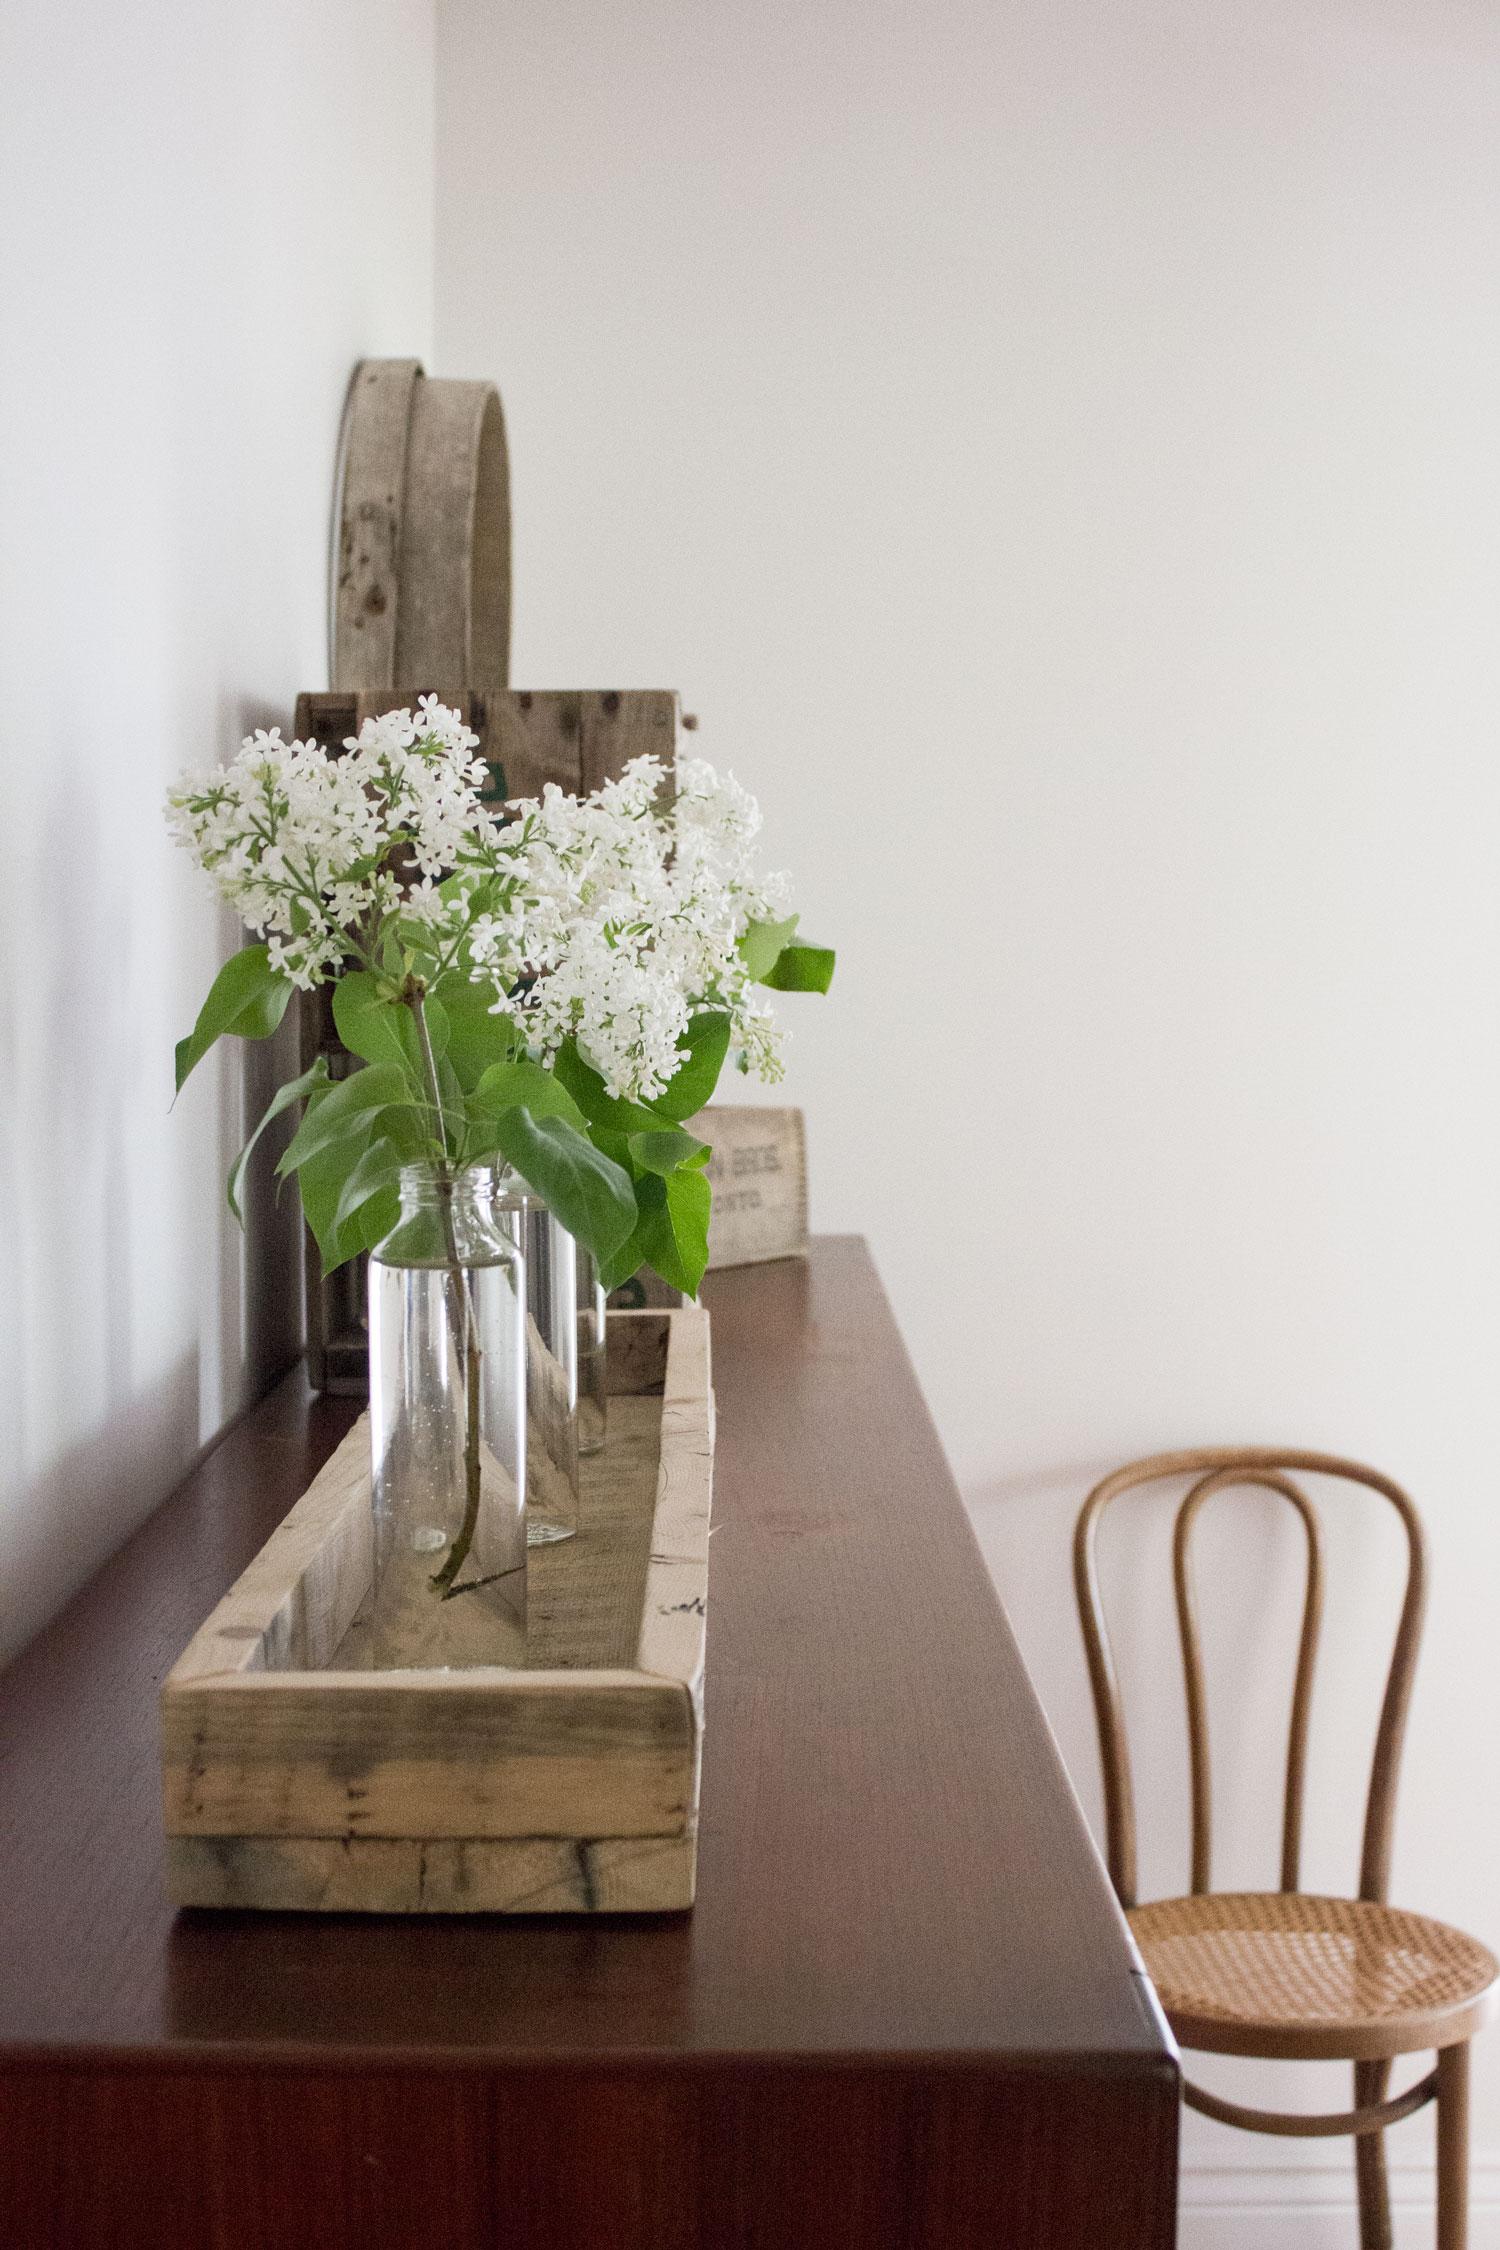 油漆墙白色将有助于在你的生活中创造空白